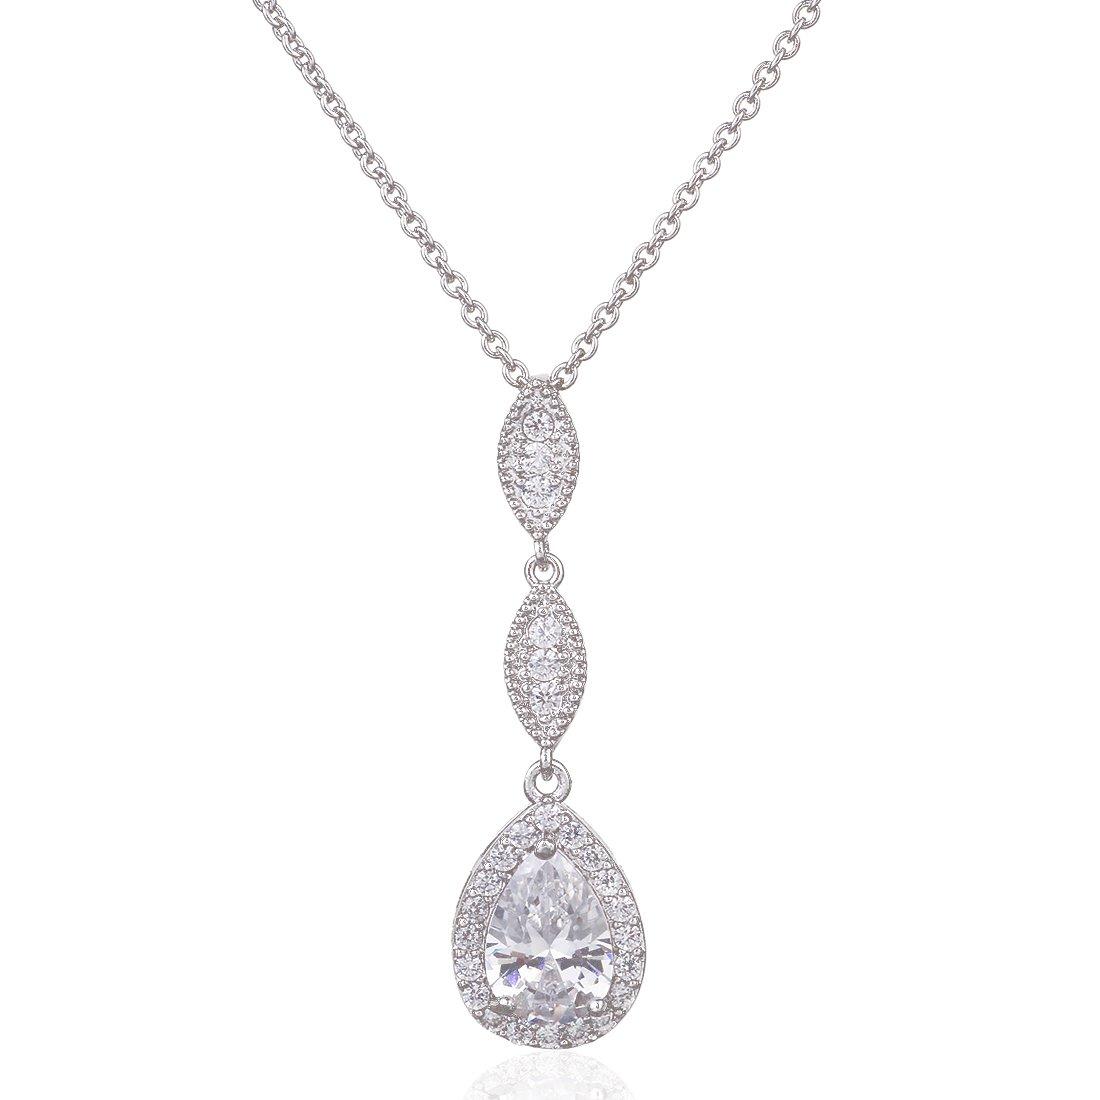 Wordless Love Teardrop Pear Shape CZ Necklace Pierced Earrings Women Wedding Jewelry Sets by Wordless Love (Image #5)